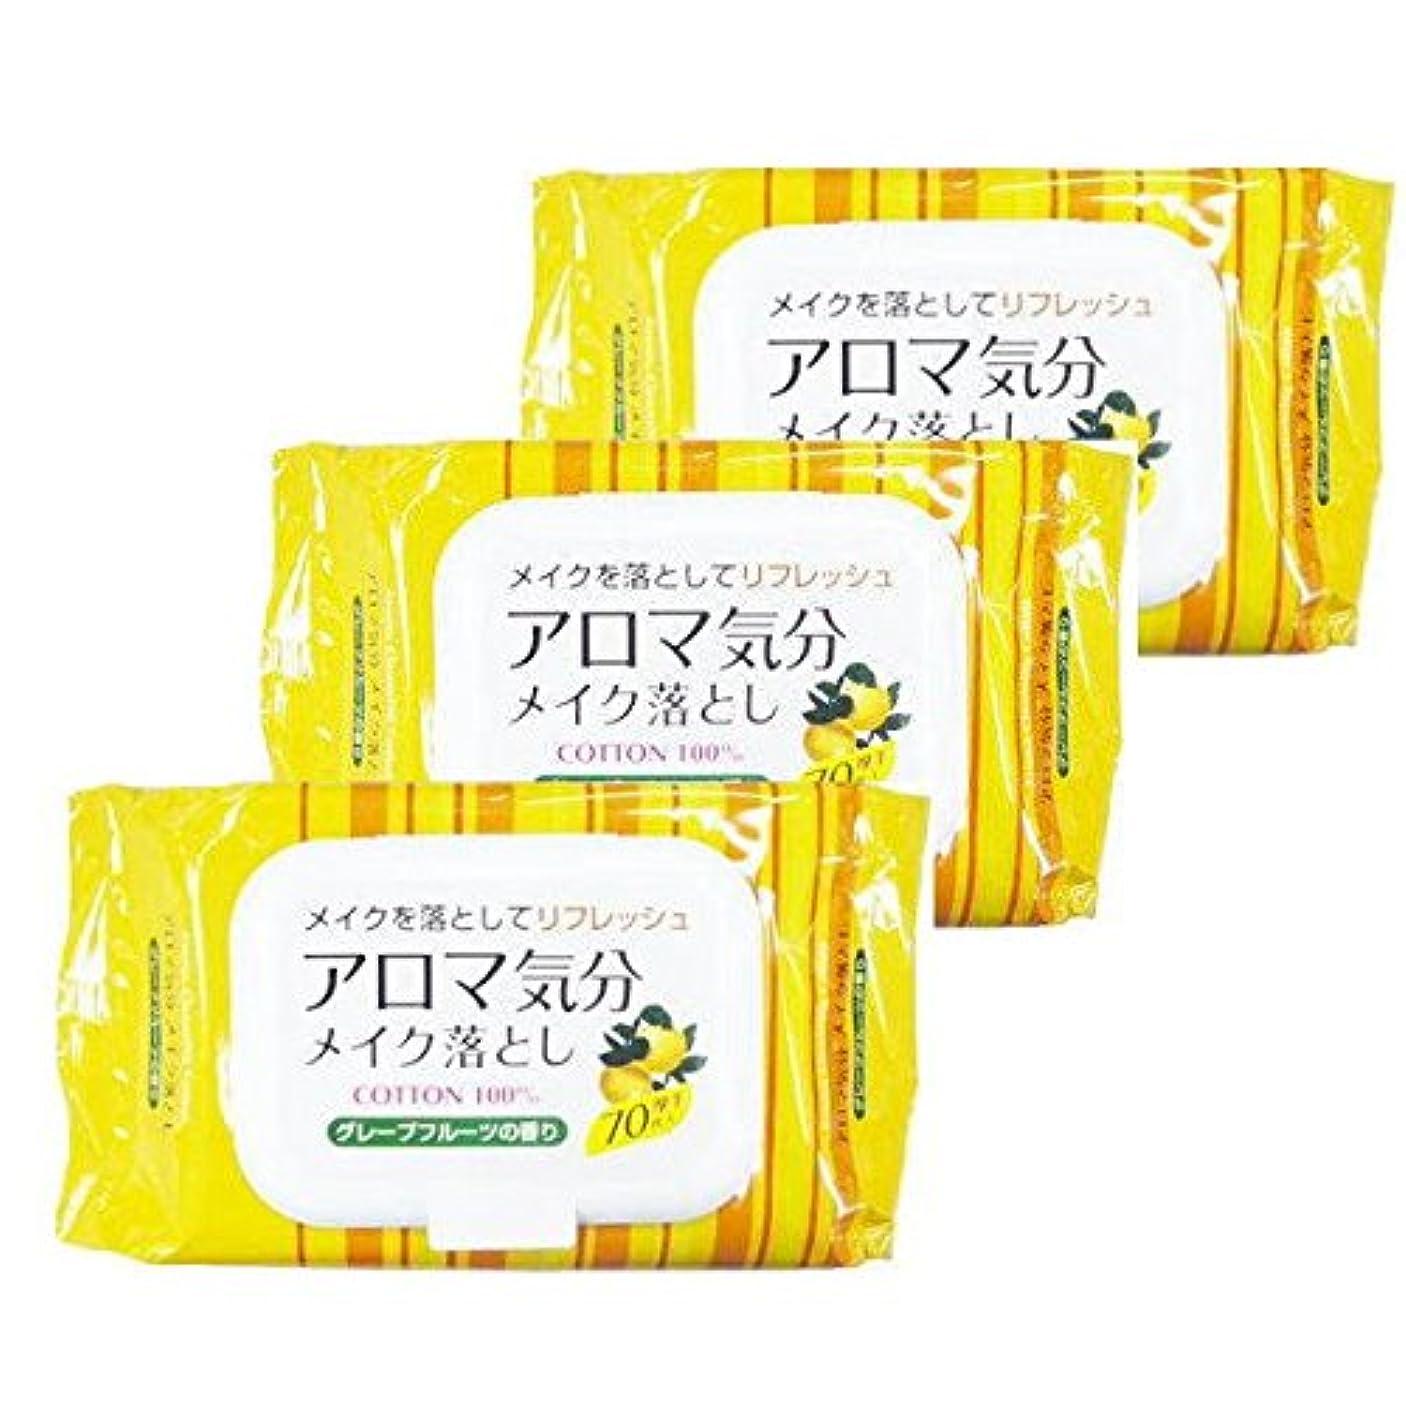 側亜熱帯アンビエントメイク落とし アロマ気分 グレープフルーツの香り 70枚 3個セット(計210枚)